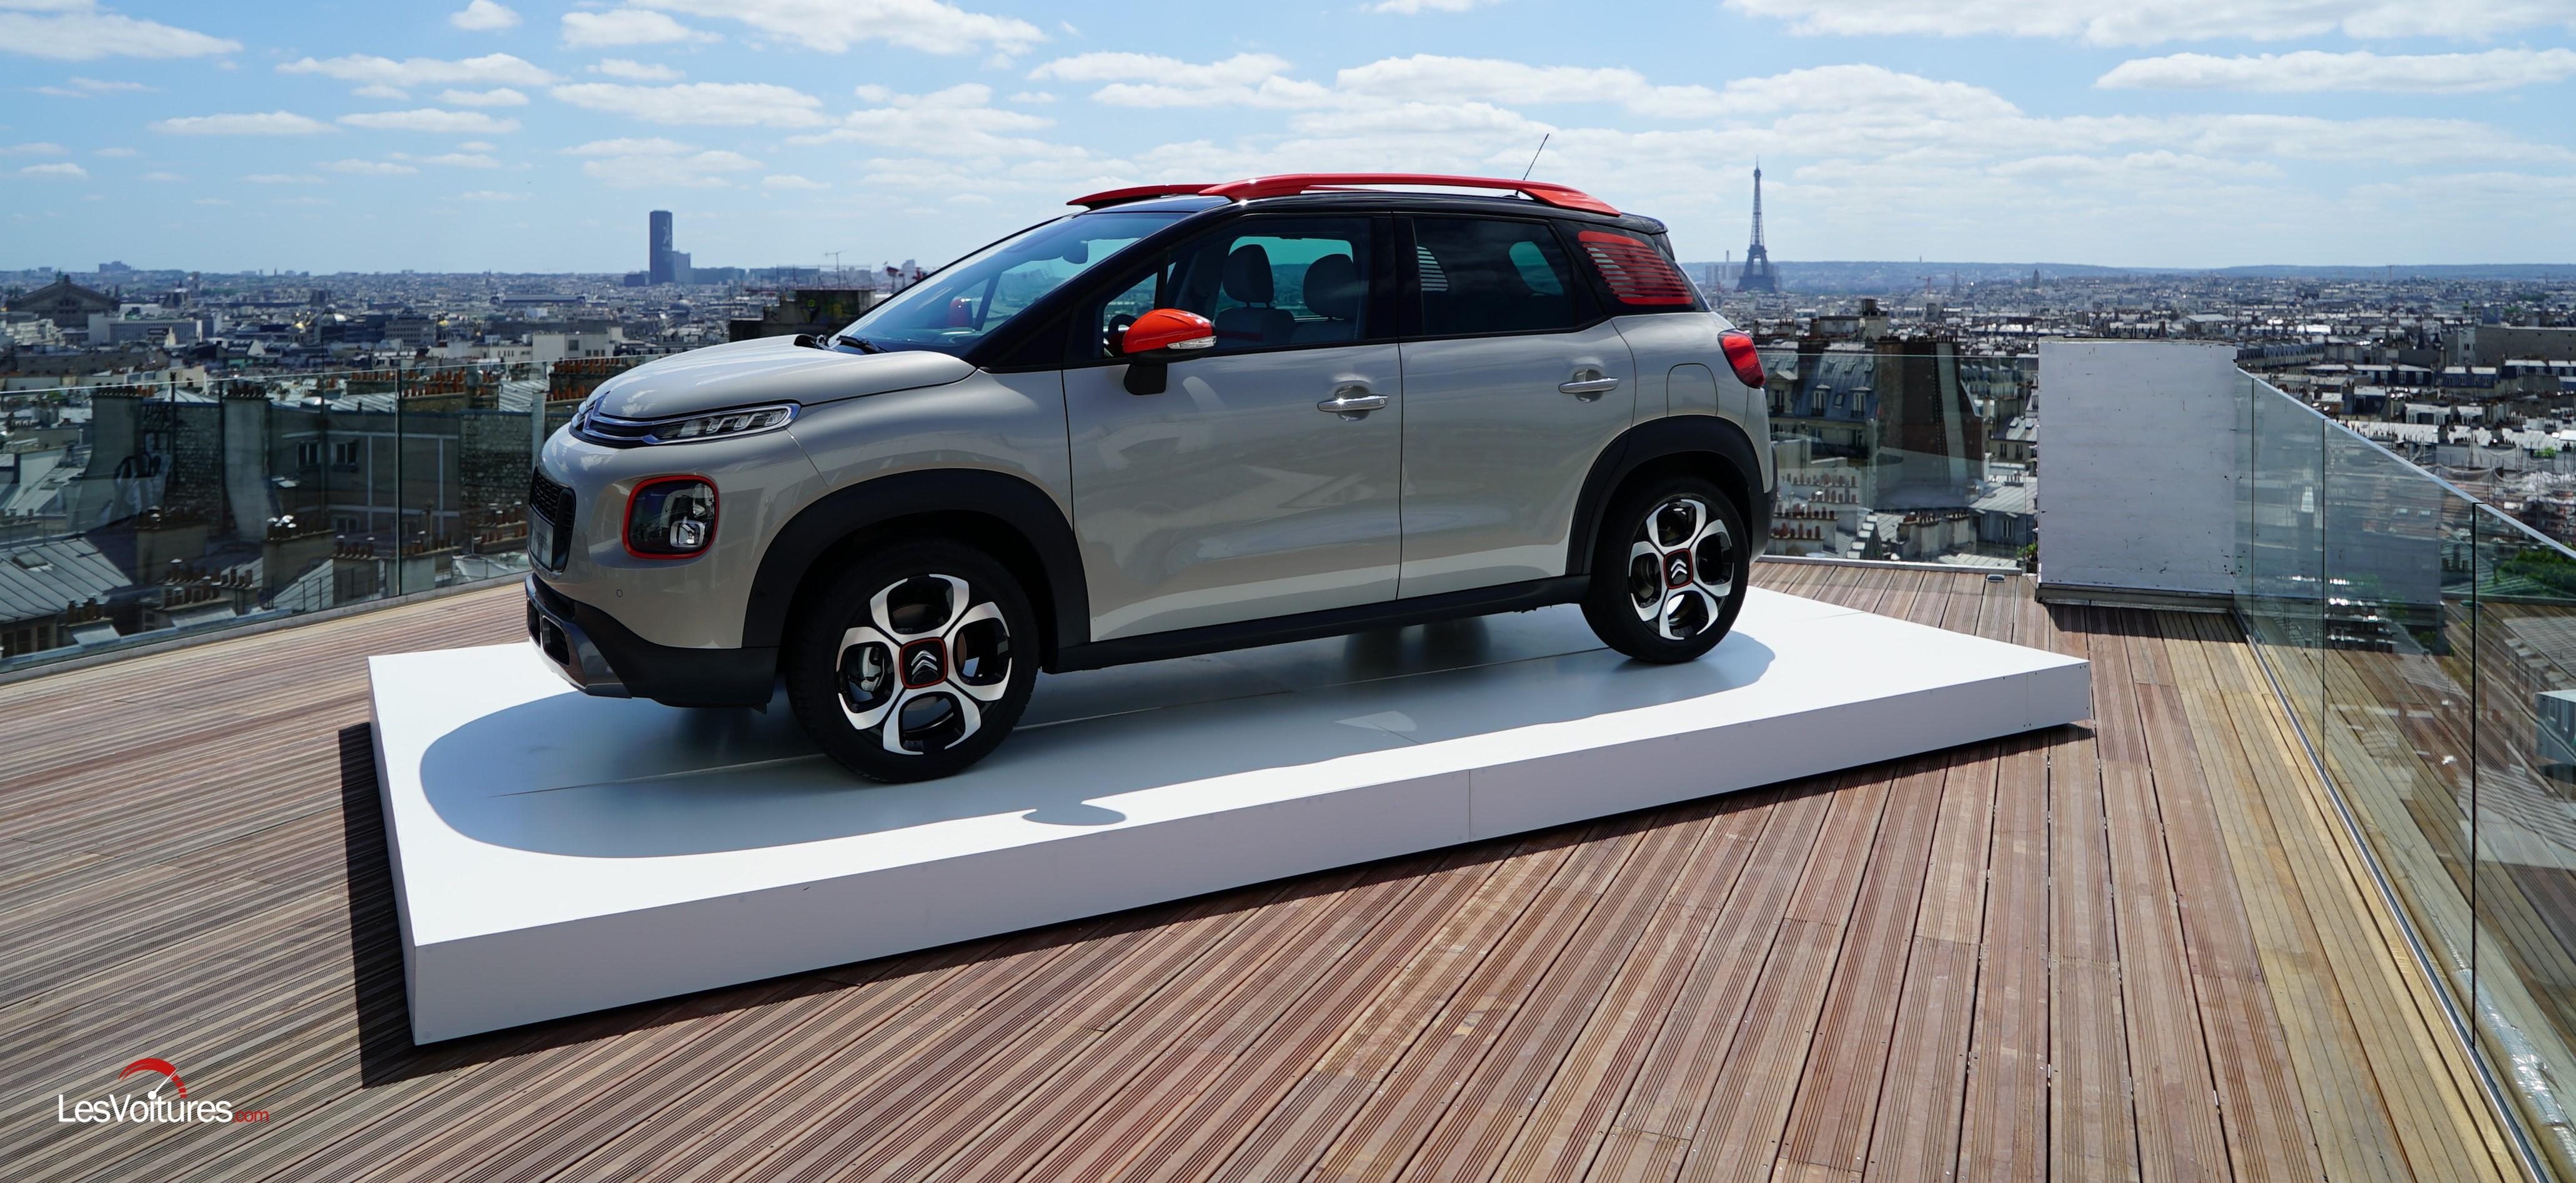 citro n c3 aircross le nouveau suv compact d voil paris les voitures. Black Bedroom Furniture Sets. Home Design Ideas